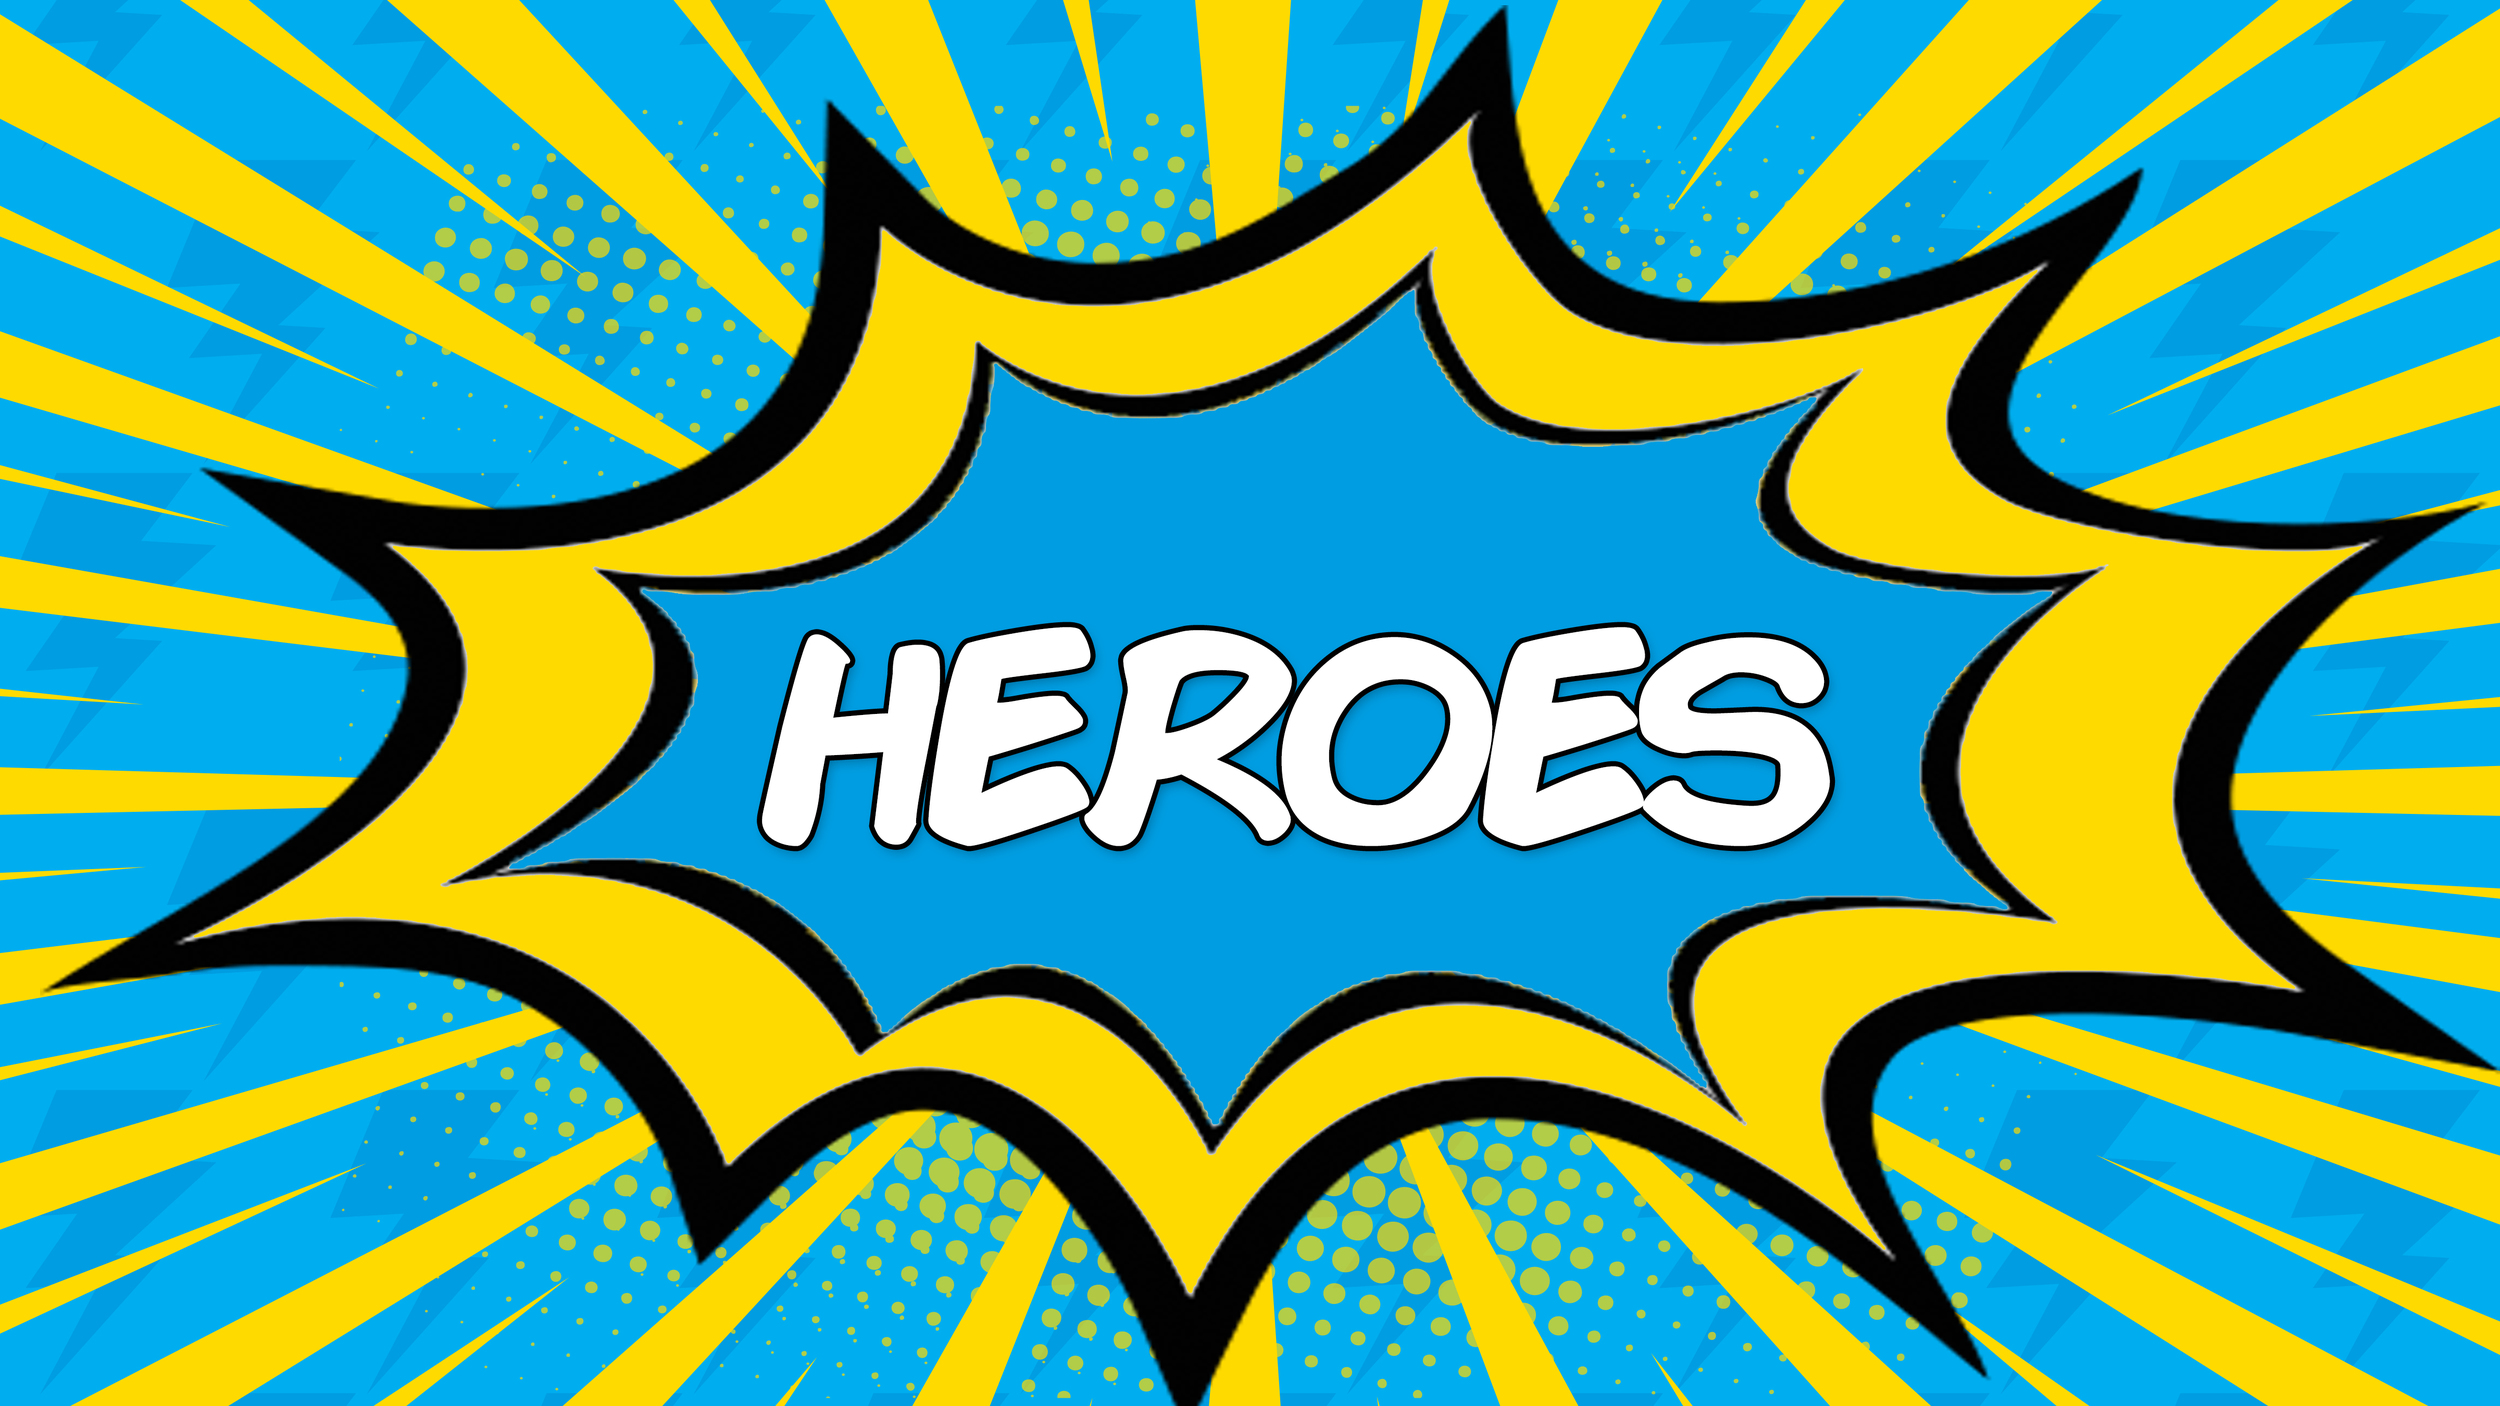 Heroes_series_title.jpg